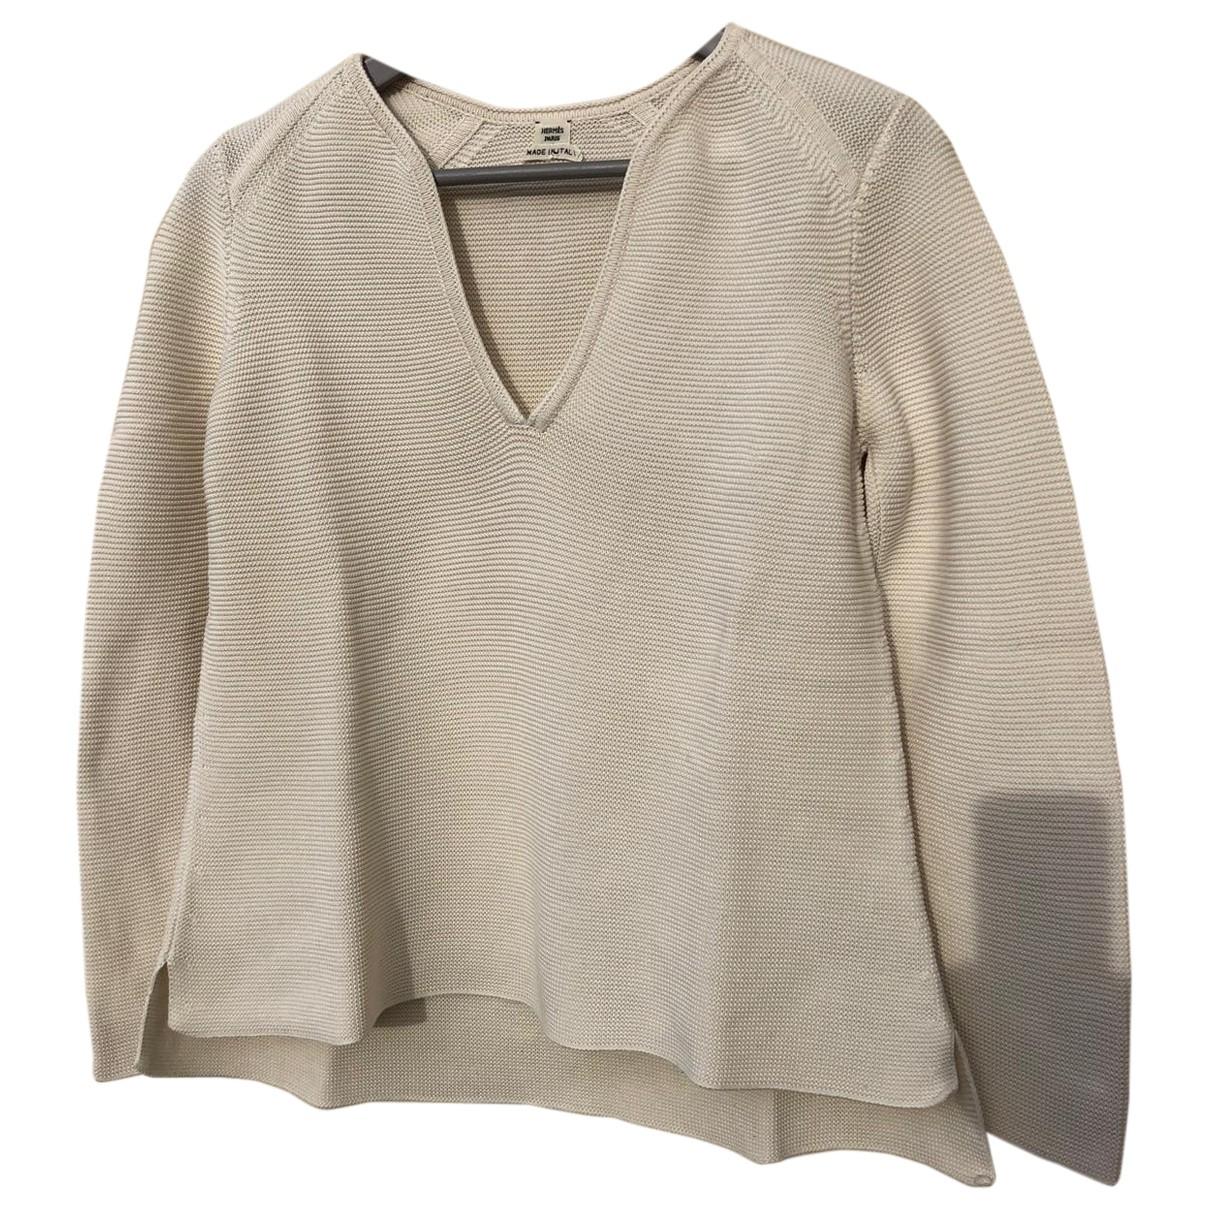 Hermes - Pull   pour femme en coton - beige